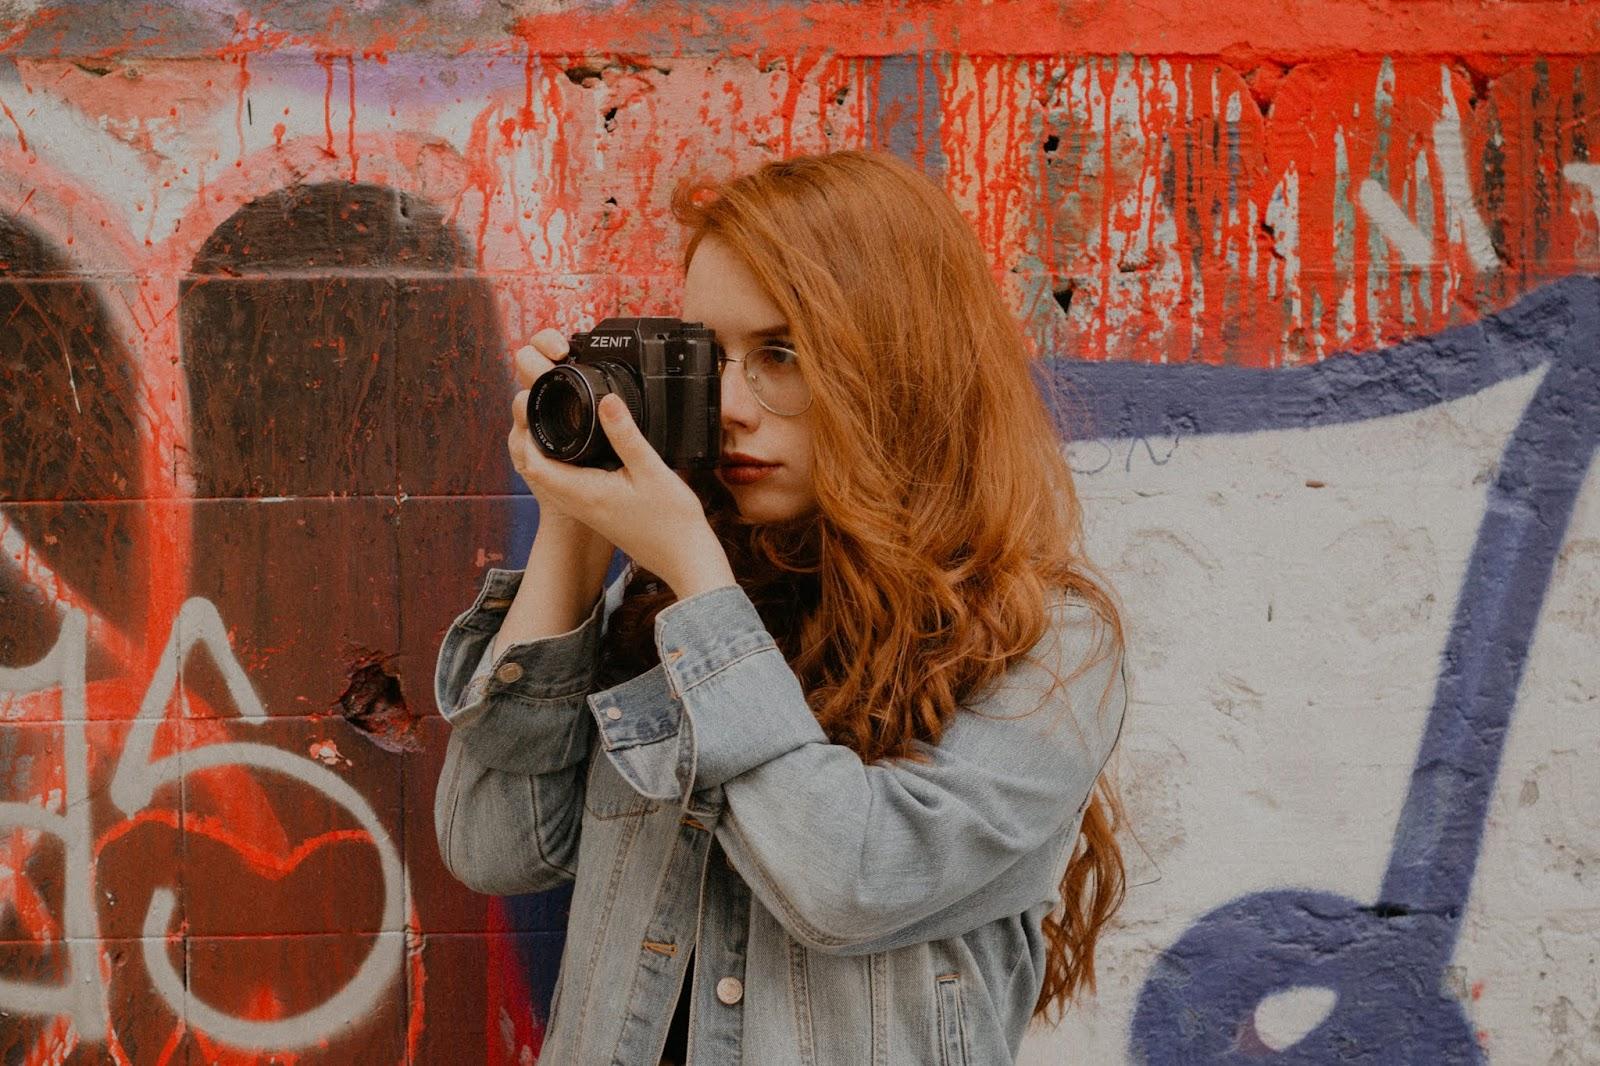 Uma constante na minha vida é a fotografia, não consigo lembrar de algum momento em que eu não estivesse com uma câmera na mão. Meu pai desde jovem fazia fotos amadoras e acabei nascendo com esse gosto, desde pequena amava pegar a câmera dele e torrar os filmes dele, mais adiante na era digital meu pai deu pra minha mãe de presente uma compacta que eu acabei usurpando. Em todos os momentos da minha vida eu tentei capturar com minhas lentes, cada foto que eu capturei ou que outros artistas capturaram sempre serviram como uma fonte de inspiração para mim.    Eu posso abrir mão de muitas coisas na minha vida, mas não consigo imaginar minha vida sem a fotografia. Ela me inspira em cada aspecto da minha vida. O que provavelmente vocês conseguiram perceber. Mad Souls Blog